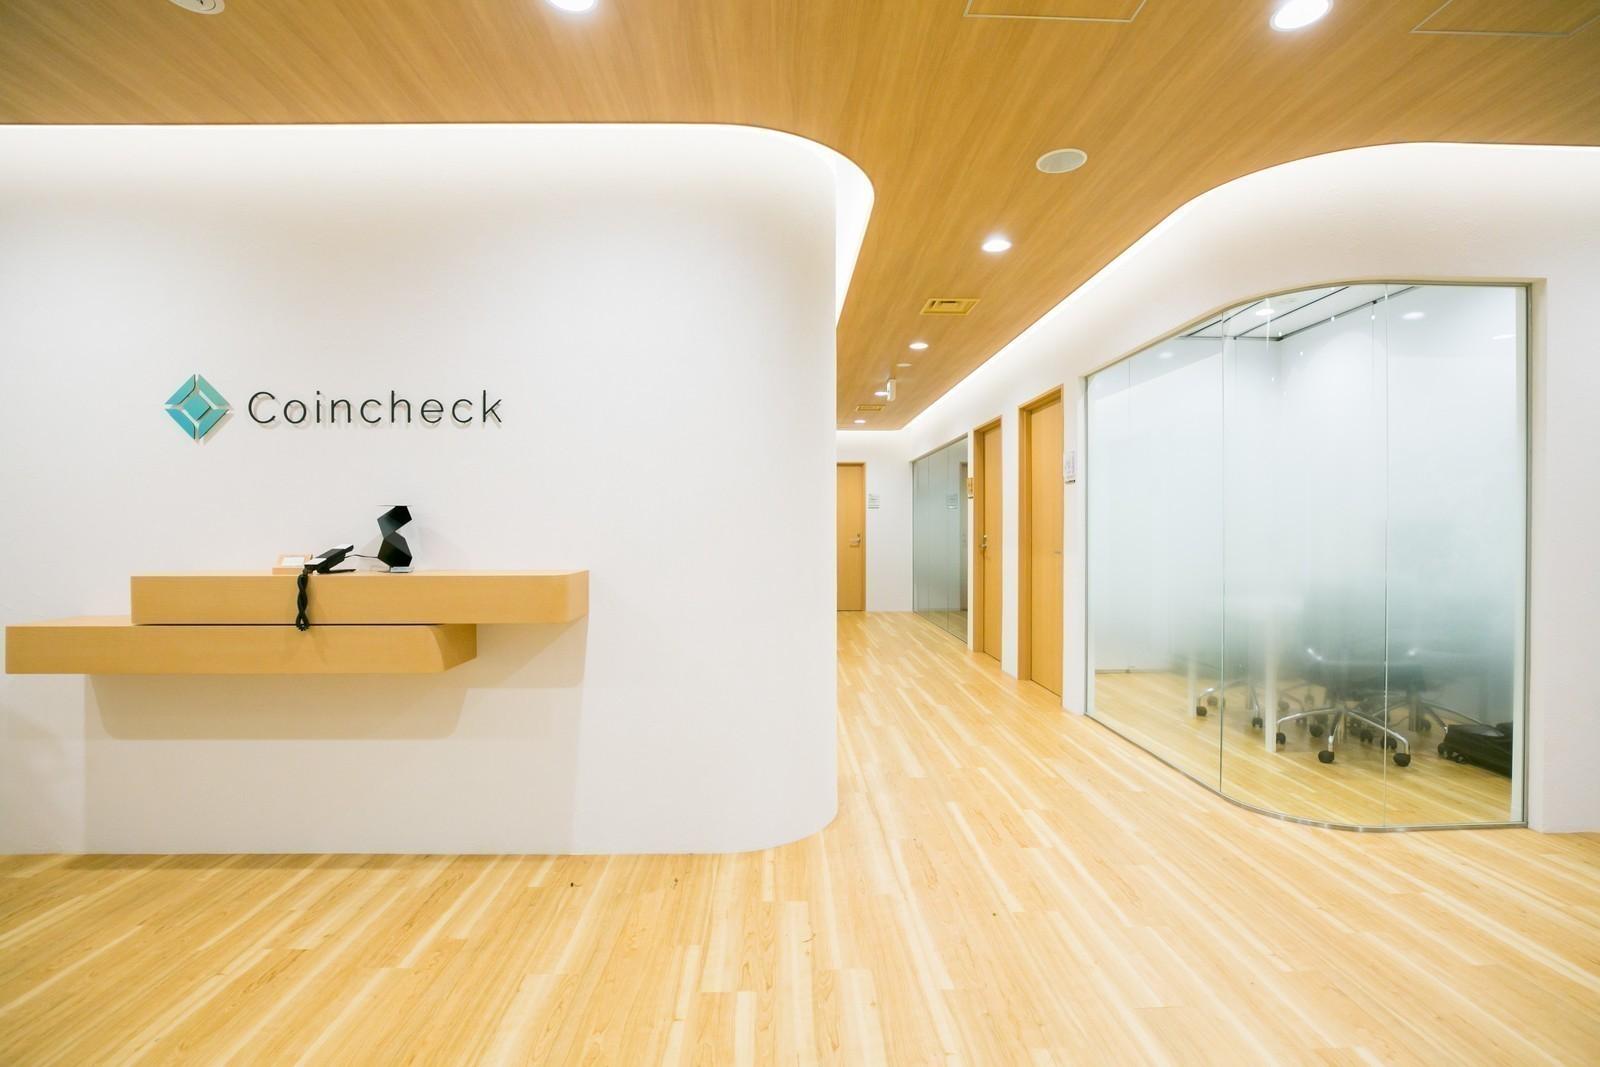 仮想通貨取引所「Coincheck」事業拡大に向けた組織力強化の為 ソフトウェアエンジニア (会計) を募集!